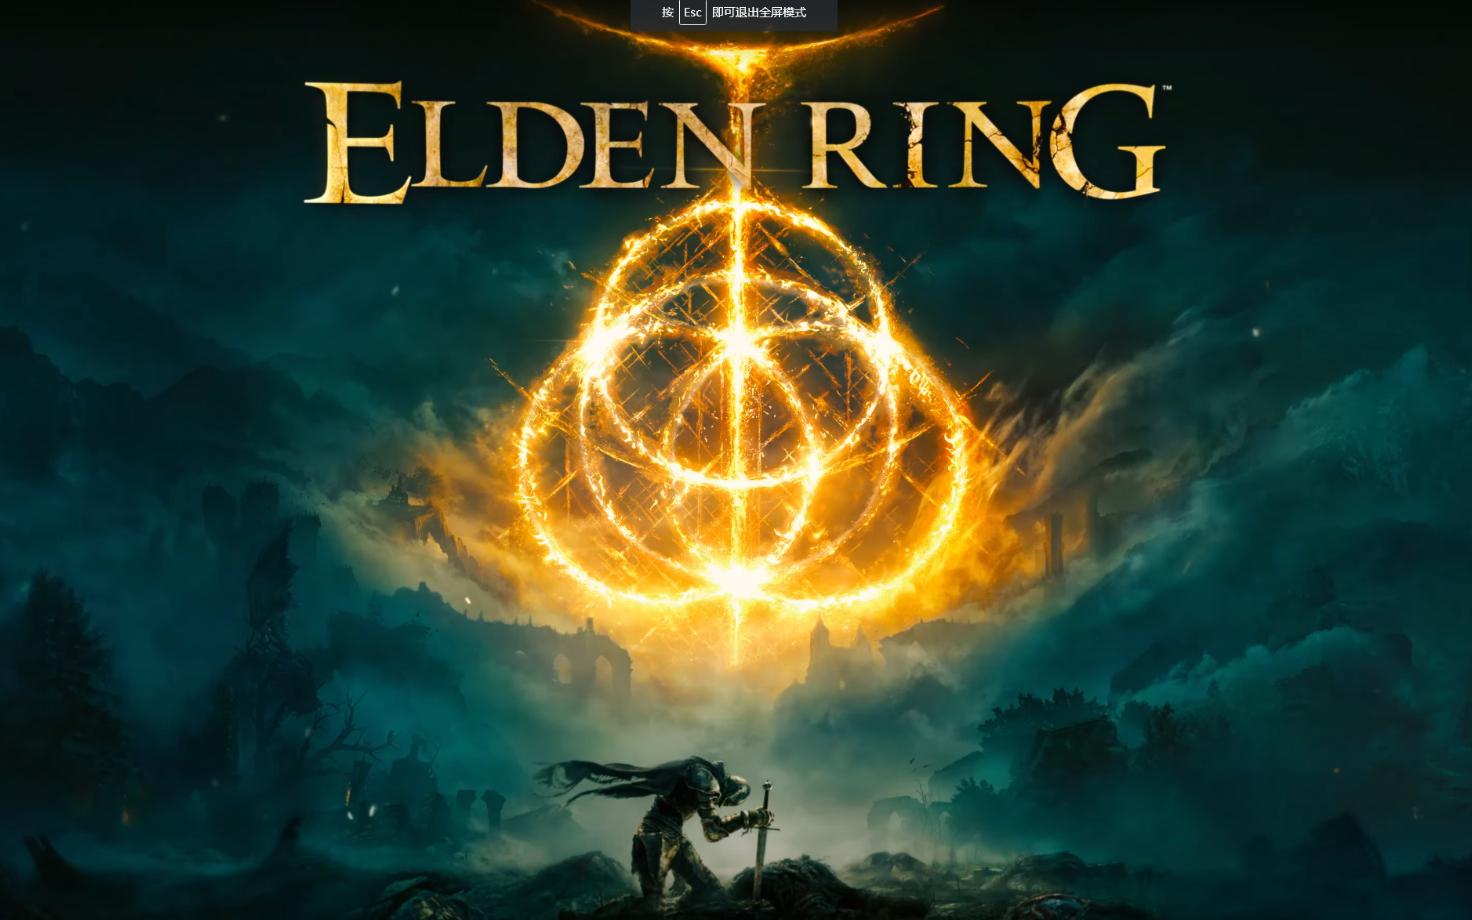 Elden Ring -  艾登之环最新宣传片 日语 4K